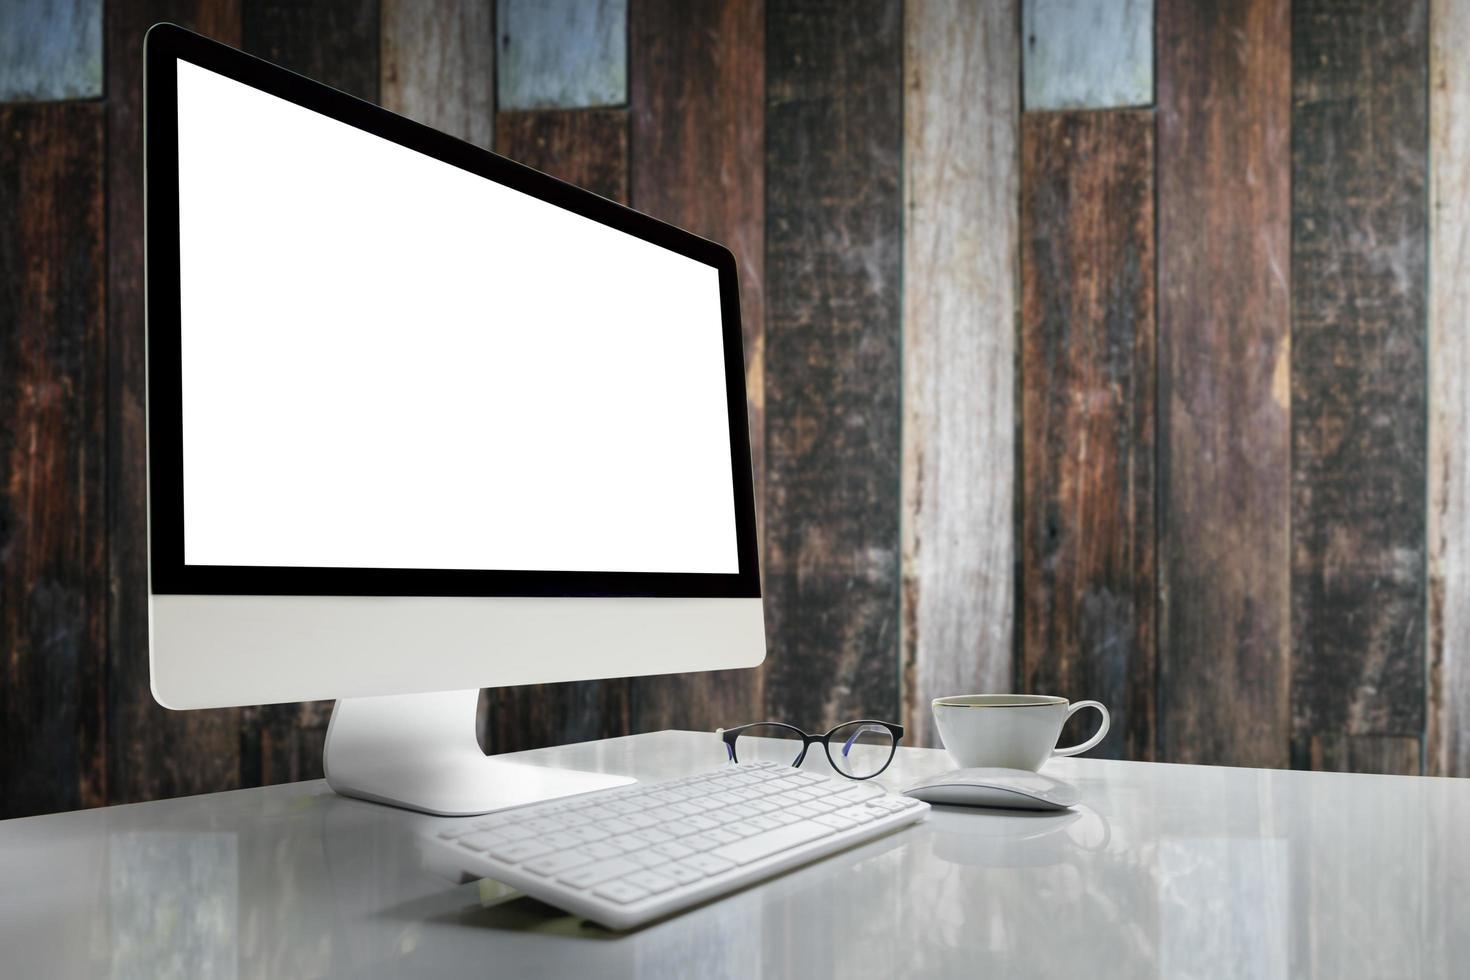 Computadora con pantalla en blanco en la mesa con fondo borroso foto